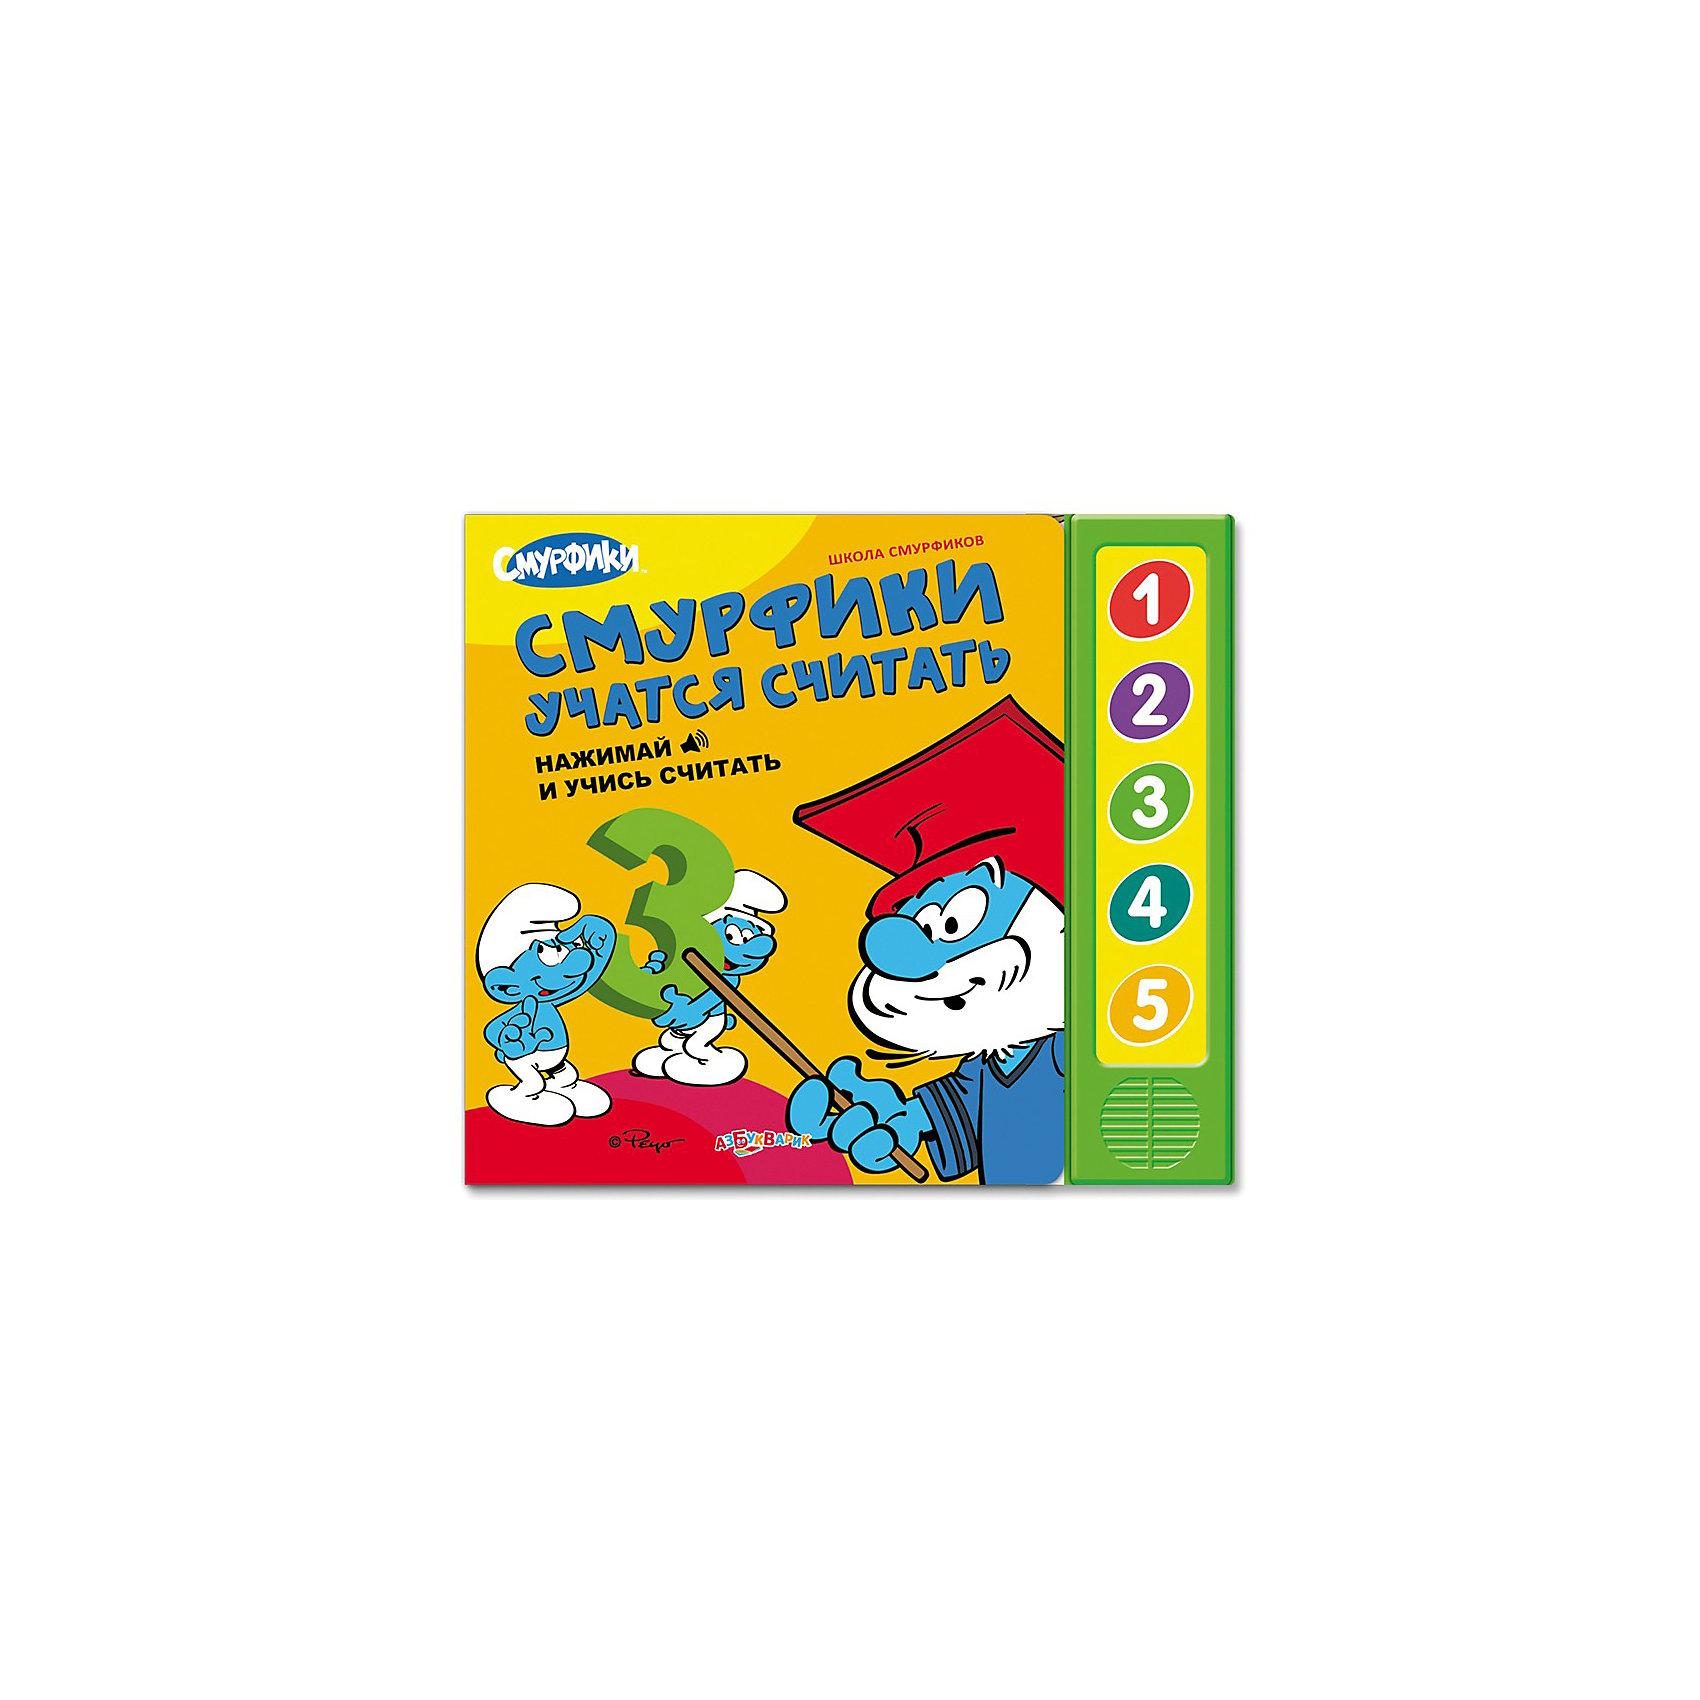 Книга с 5 кнопками Смурфики учатся считатьСмурфики<br>В этой книжке Смурфики учатся считать, серия Школа смурфиков, Азбукварик веселые смурфики познакомят тебя с цифрами и расскажут смешные истории!<br><br>Школа смурфиков – это самая веселая школа в мире! Рассматривая забавные картинки и нажимая на кнопочки, малыши легко научатся считать от 1 до 5. На каждой страничке – приключения и загадки. Сколько морских звёзд выловил Красавчик для Смурфетты? А сколько шариков на ёлку повесил Папа Смурф?<br><br>Дополнительная информация:<br><br>-Размеры: 21,5х19 см<br>-Материалы: картон<br>-Количество страниц: 10<br><br>Учиться со смурфиками так же интересно, как смотреть мультики с забавными гномиками!<br><br>Книгу Смурфики учатся считать, серия Школа смурфиков, Азбукварик можно купить в нашем магазине.<br><br>Ширина мм: 215<br>Глубина мм: 190<br>Высота мм: 10<br>Вес г: 326<br>Возраст от месяцев: 24<br>Возраст до месяцев: 48<br>Пол: Унисекс<br>Возраст: Детский<br>SKU: 3651279